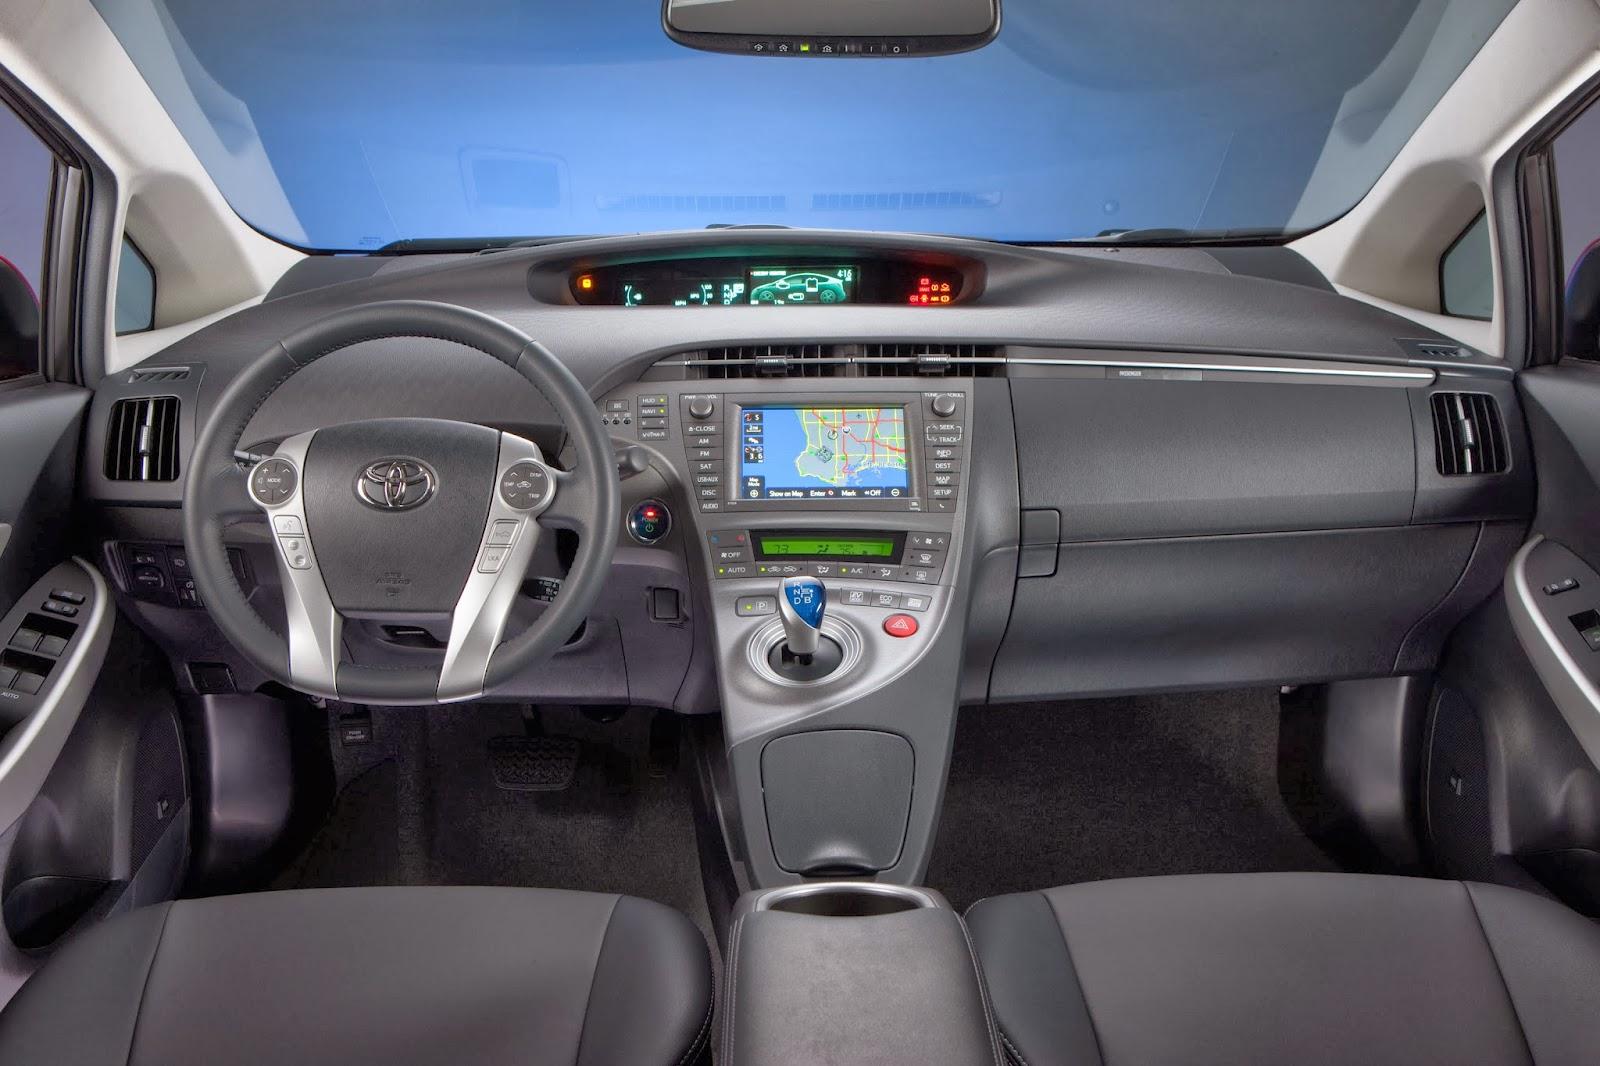 Interior of Toyota Prius